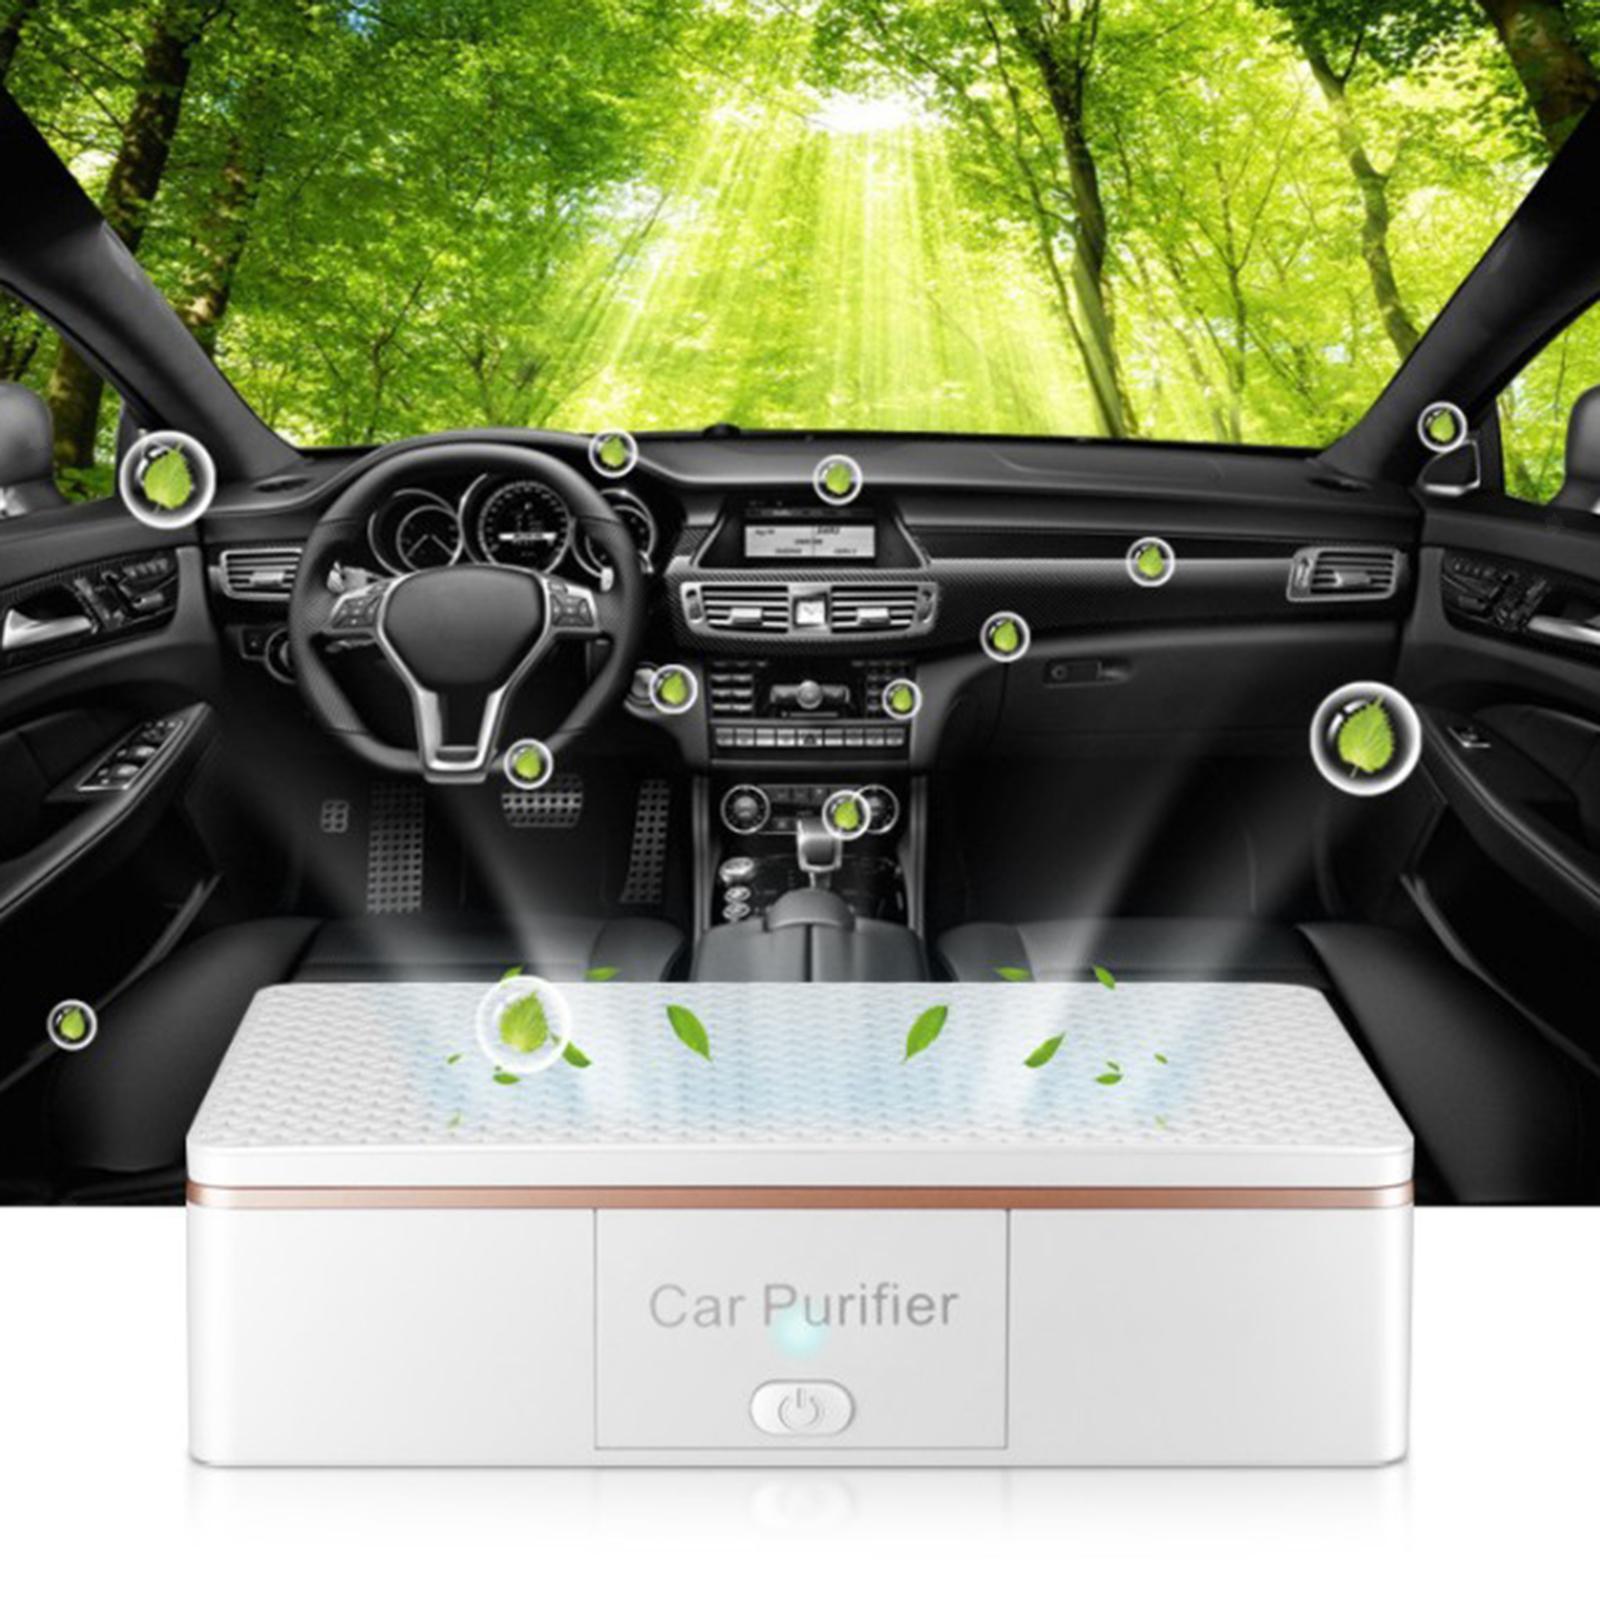 Indexbild 3 - Auto Air Purifier Luft Reiniger Deodorizer Ionisator für Home Office